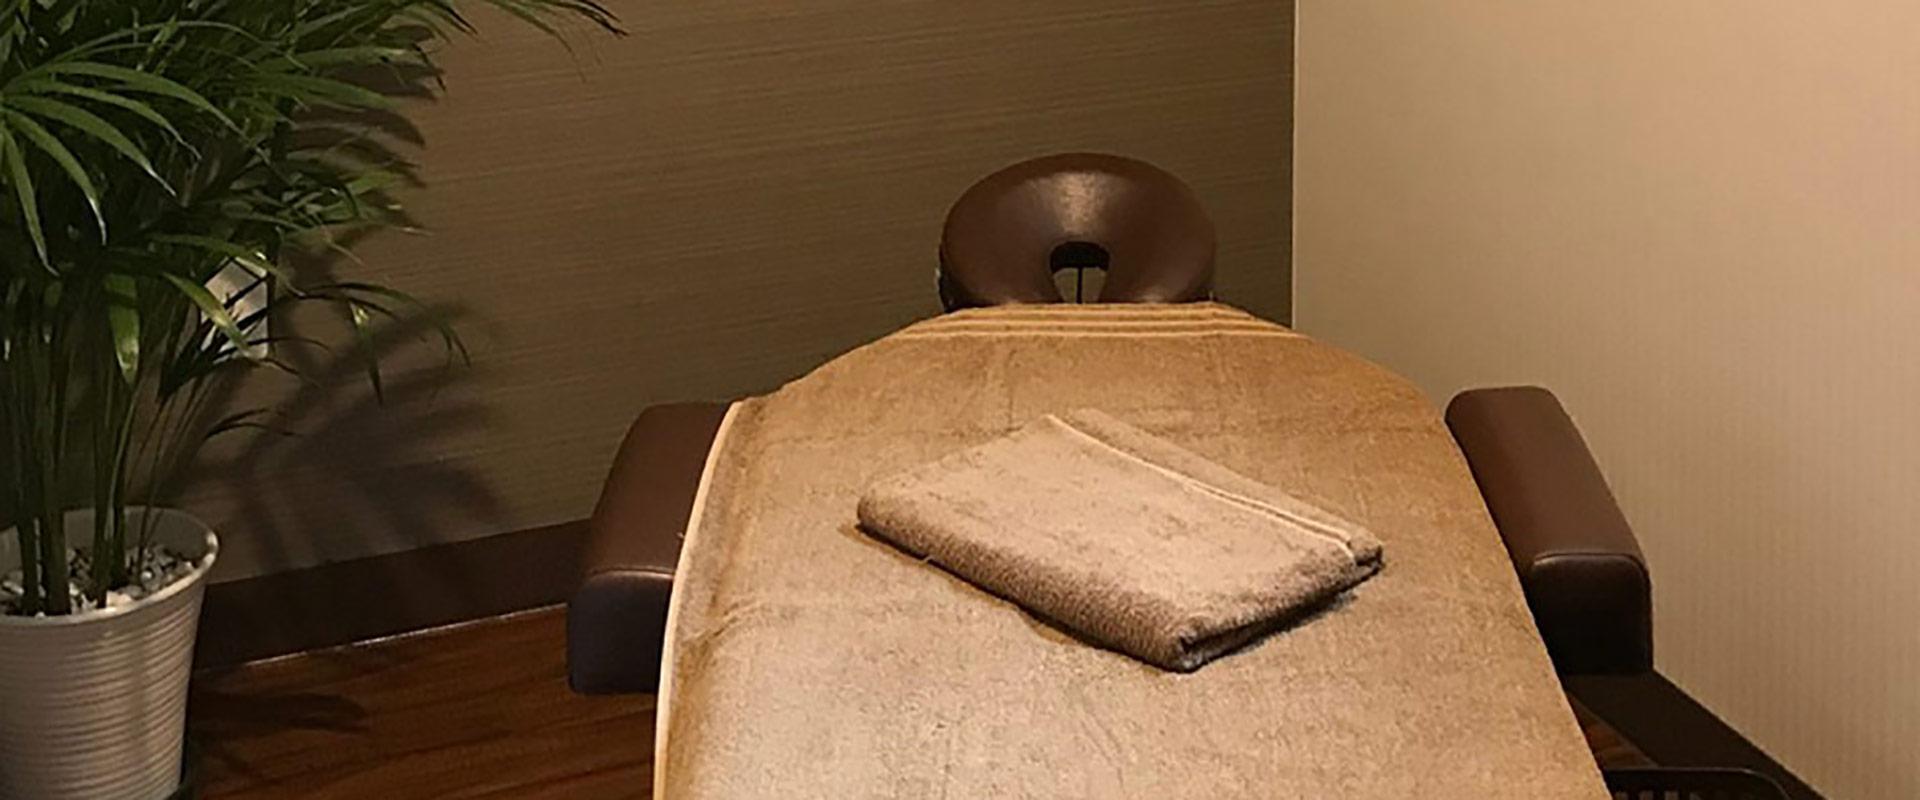 【ベッド・タオル付】完全個室のシェアサロン(レンタルルーム)で手ぶらで気軽にシェア!